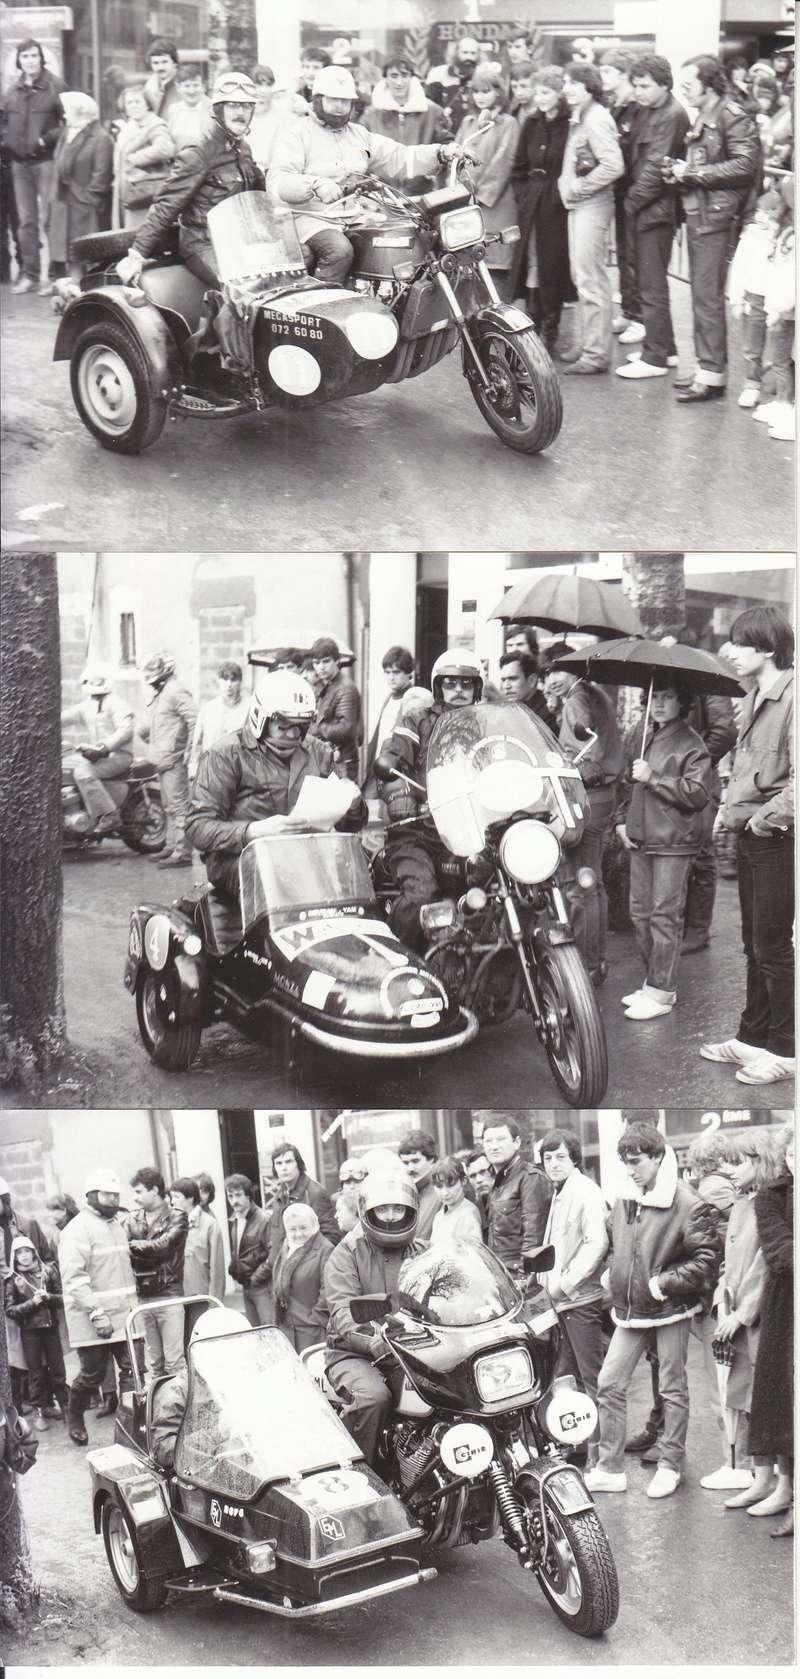 [Oldies] 1980 à 1988: Le Tour de France side-car, par Joël Enndewell  - Page 17 Sans_t53